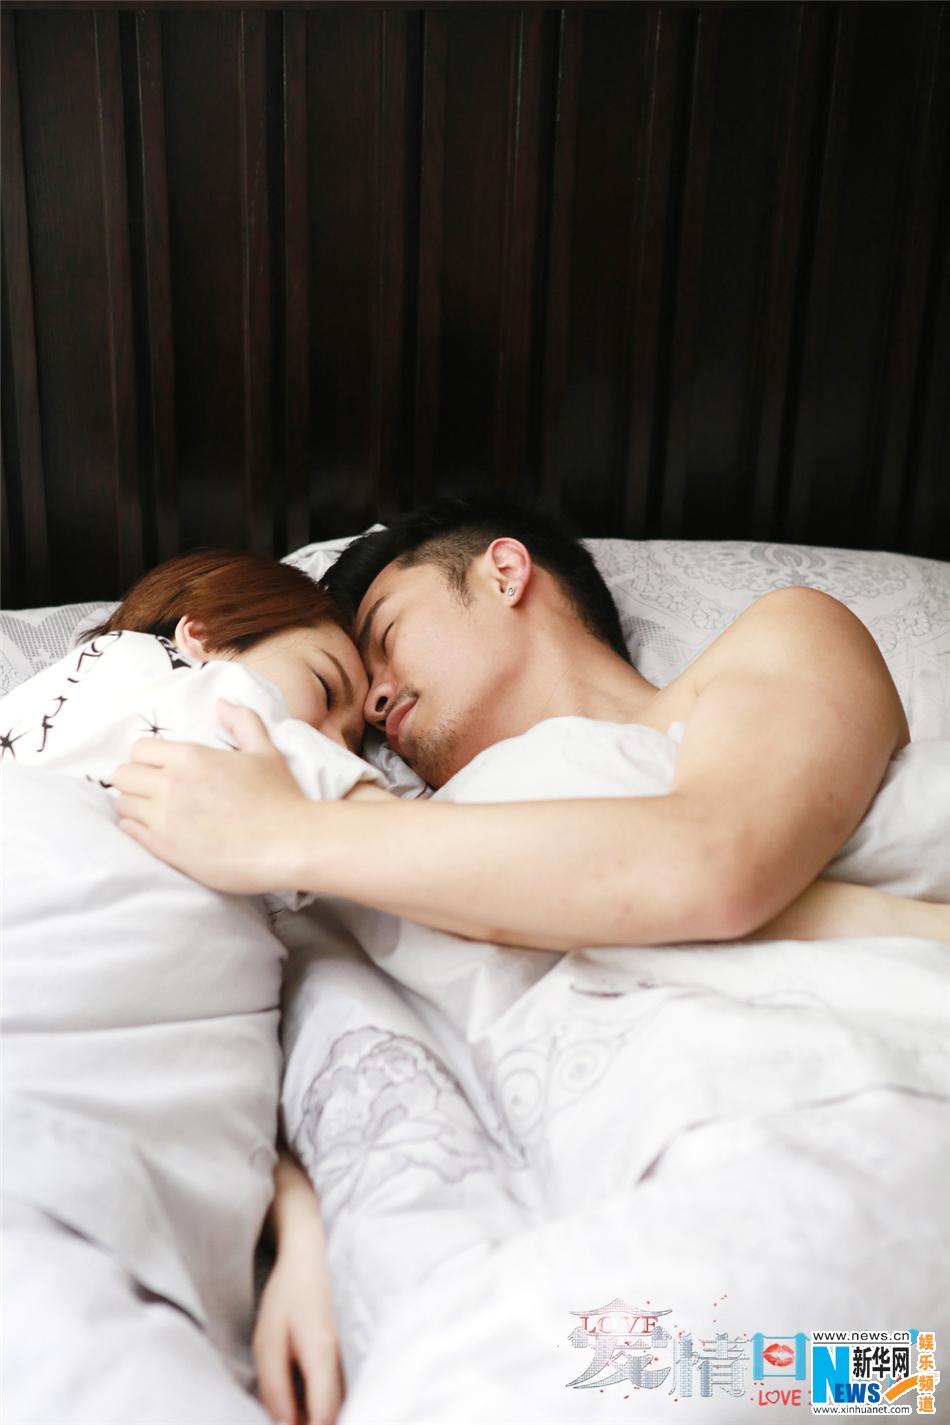 《爱情回来了》热播 陈赫戚薇亲密床戏剧照曝光 竖